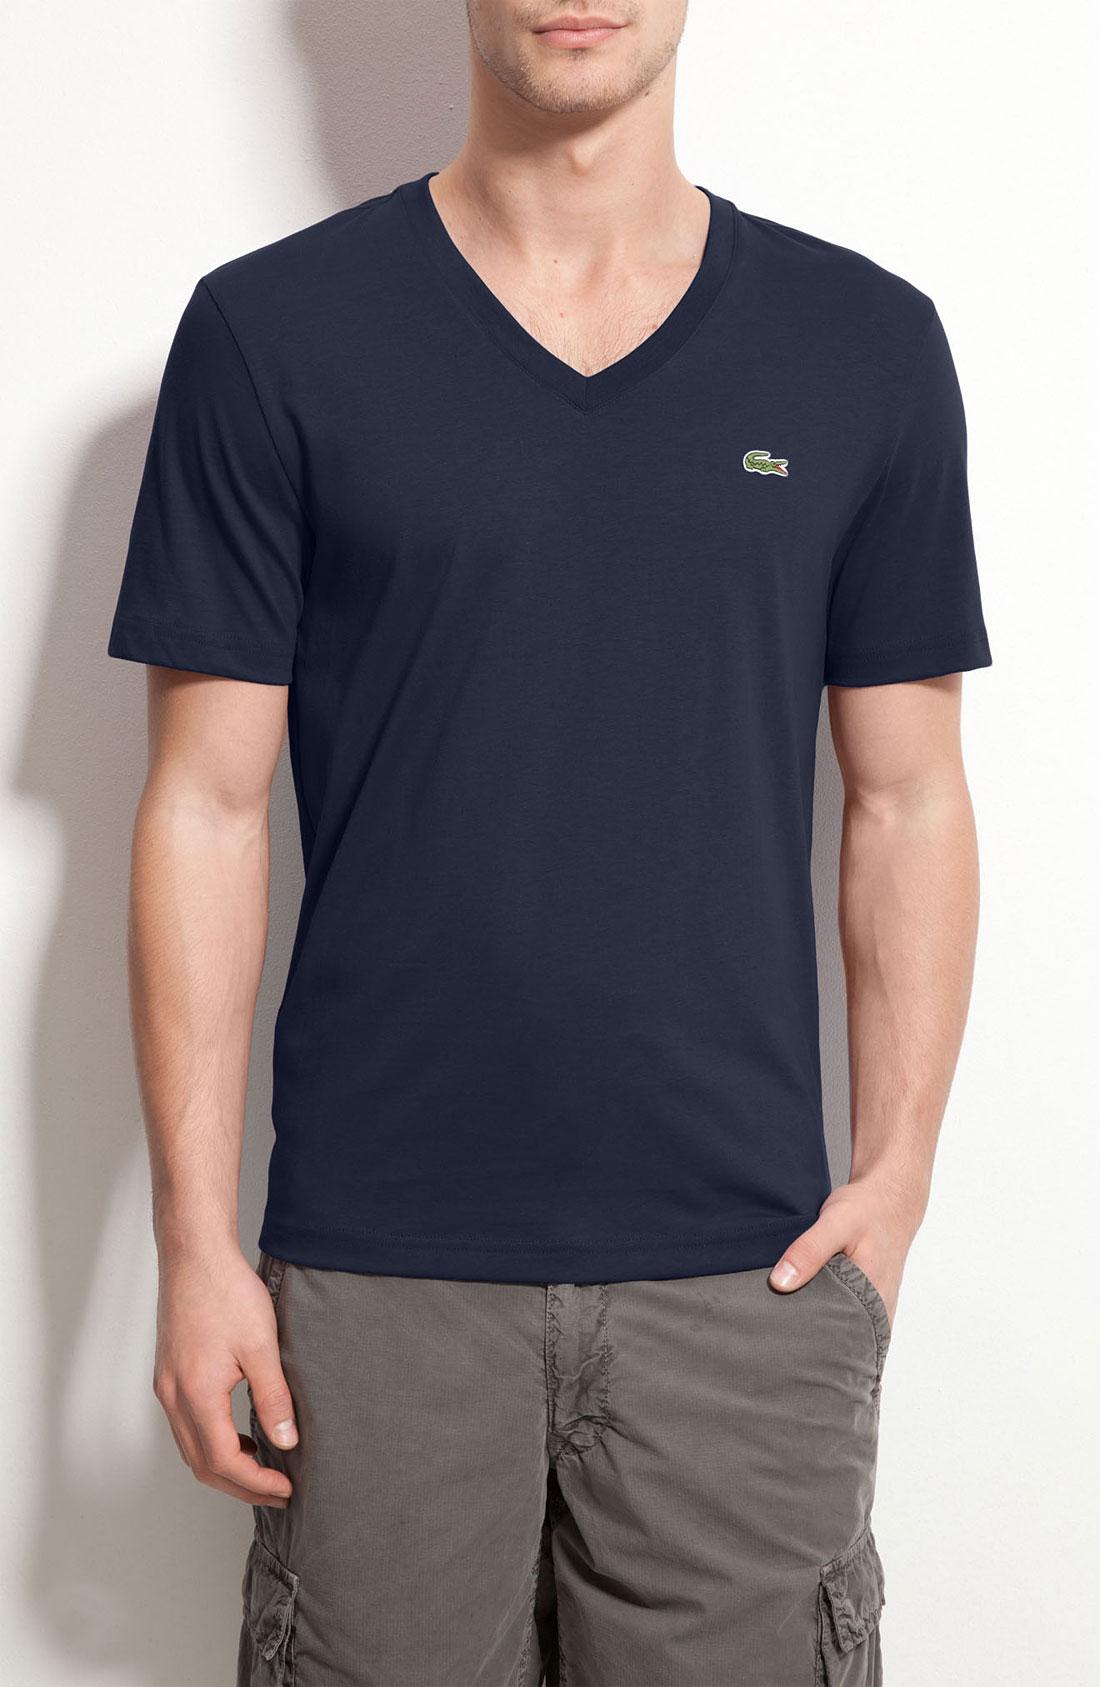 lacoste trim fit jersey v neck t shirt in blue for men. Black Bedroom Furniture Sets. Home Design Ideas